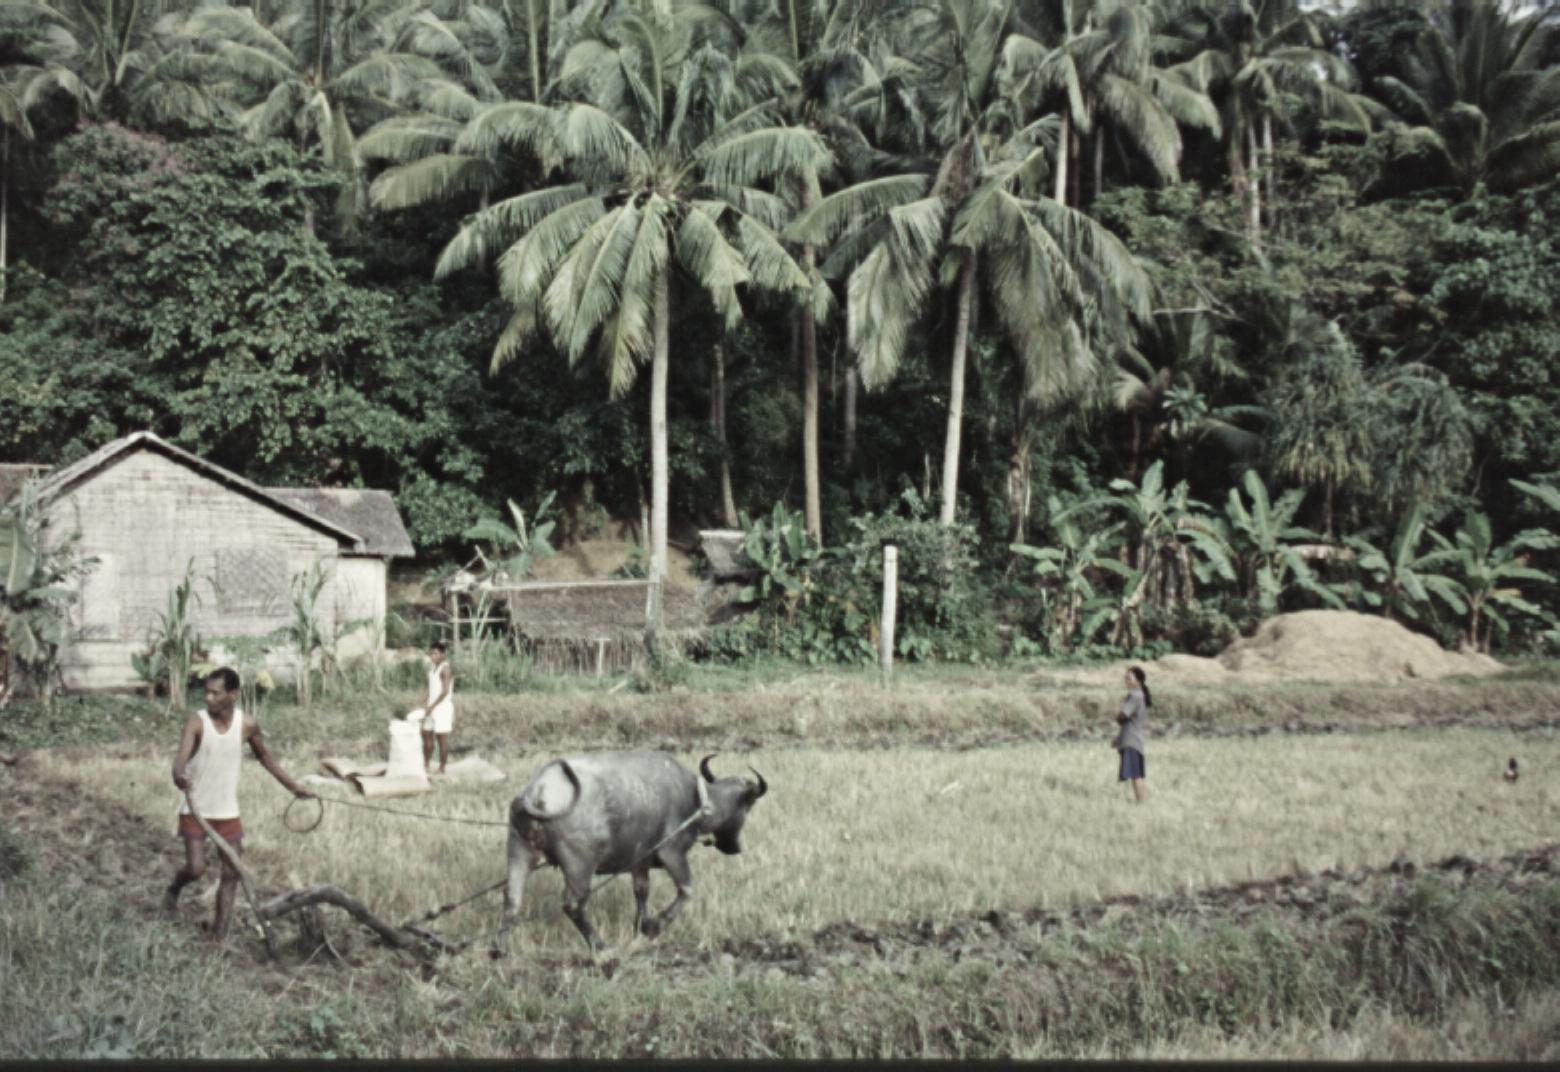 Campesinos y campos de cultivos en las islas filipinas